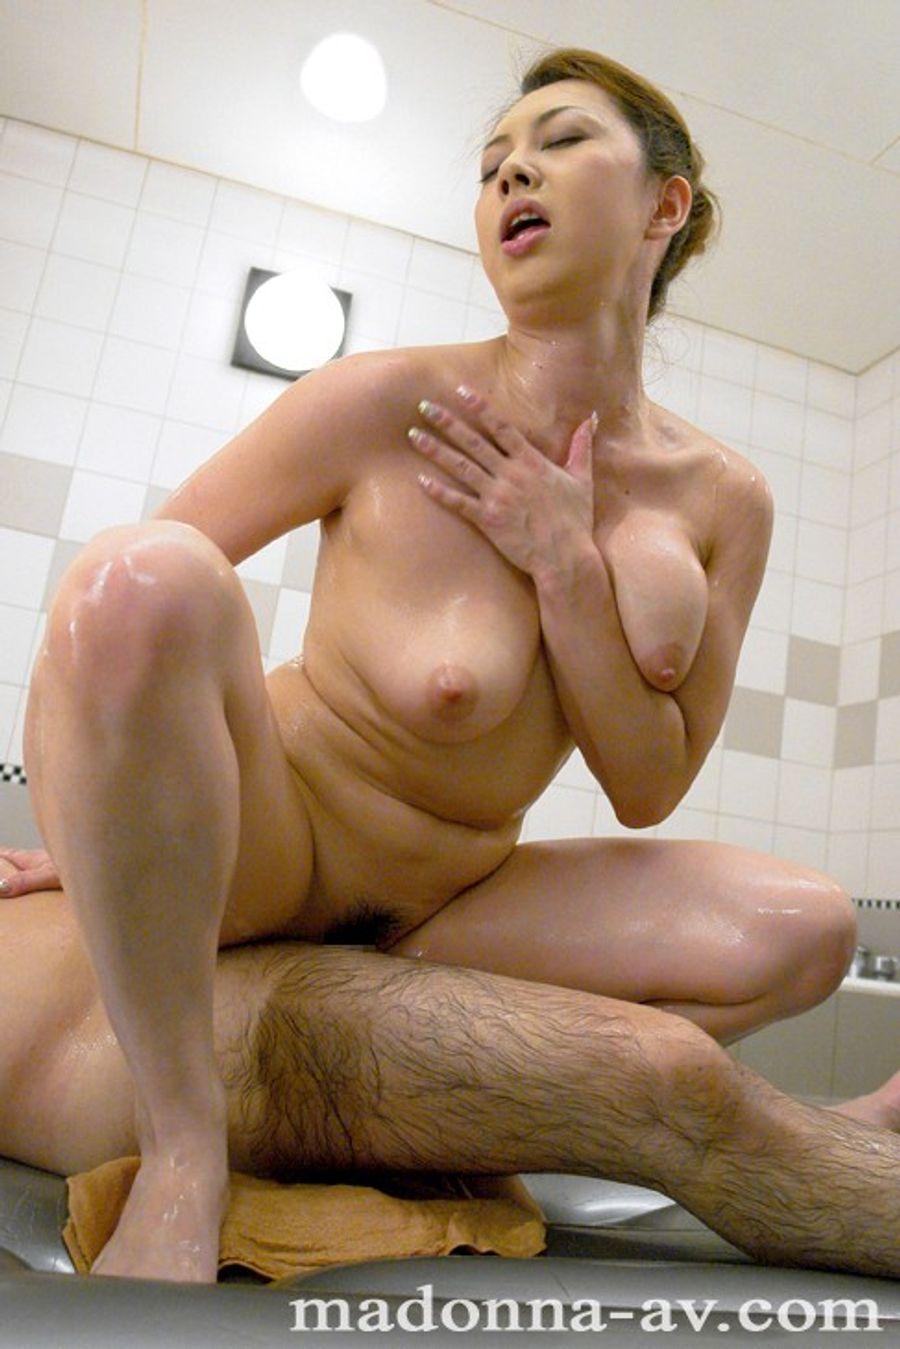 kazama yumi sex